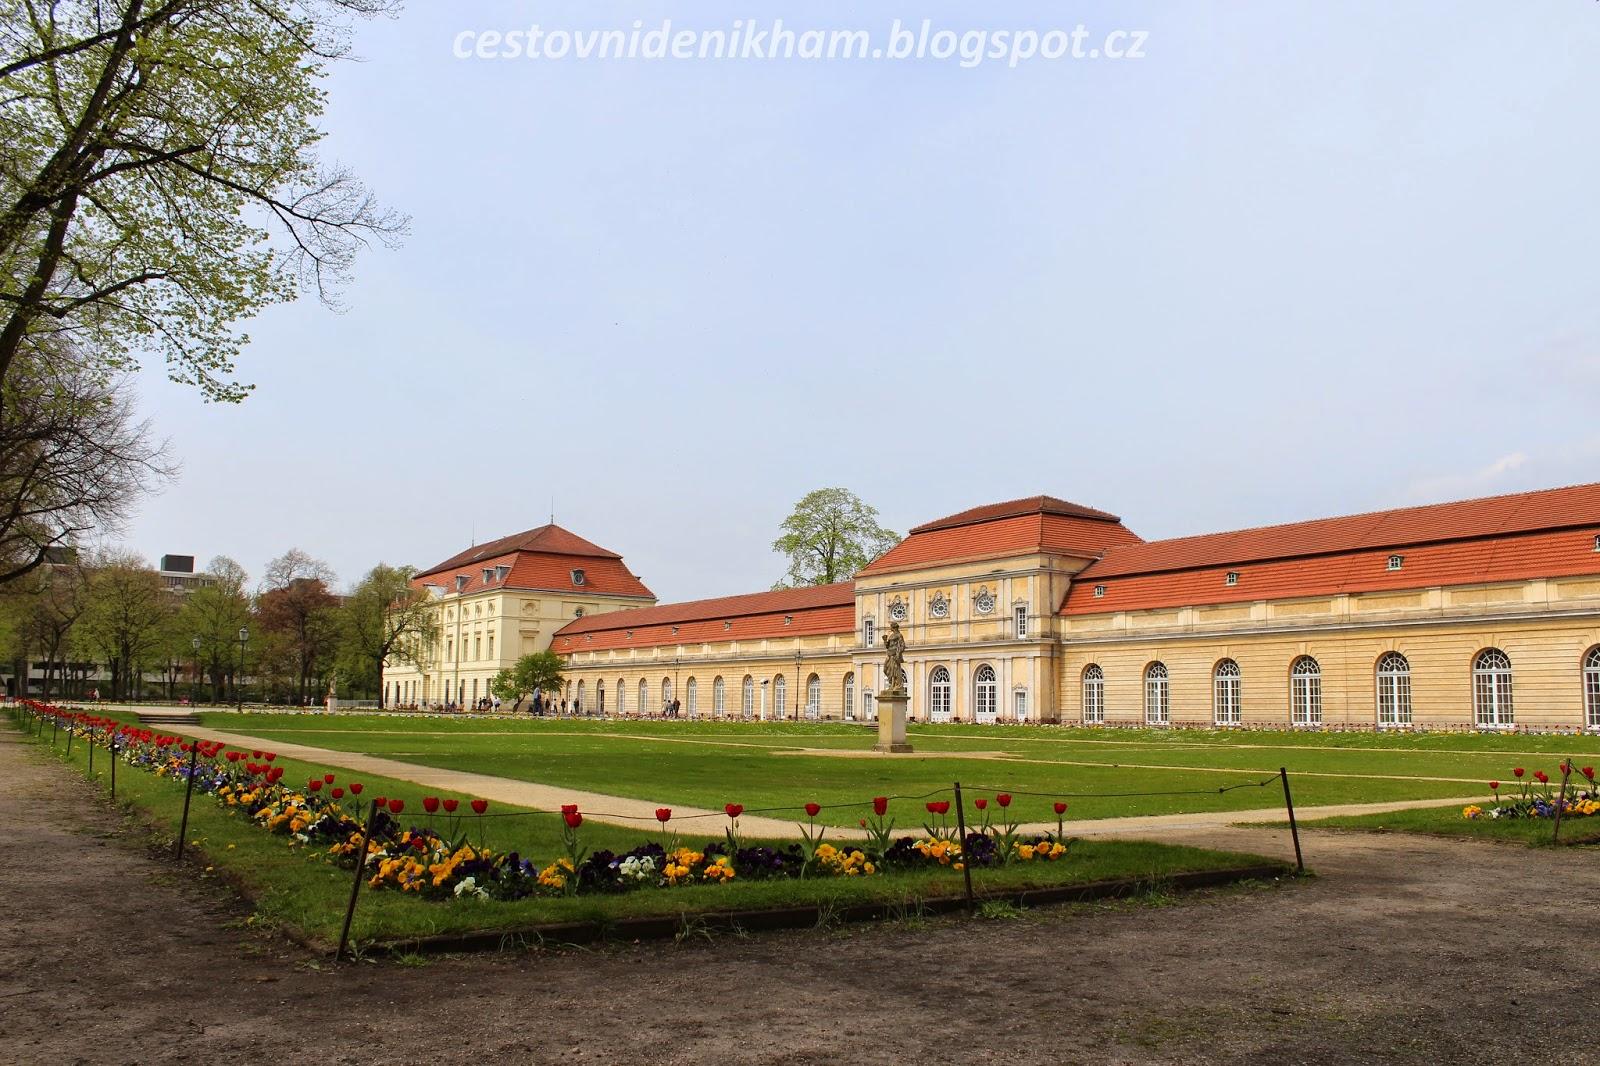 palác Charlottenburg a zahrady // Charlottenburg palace and garden